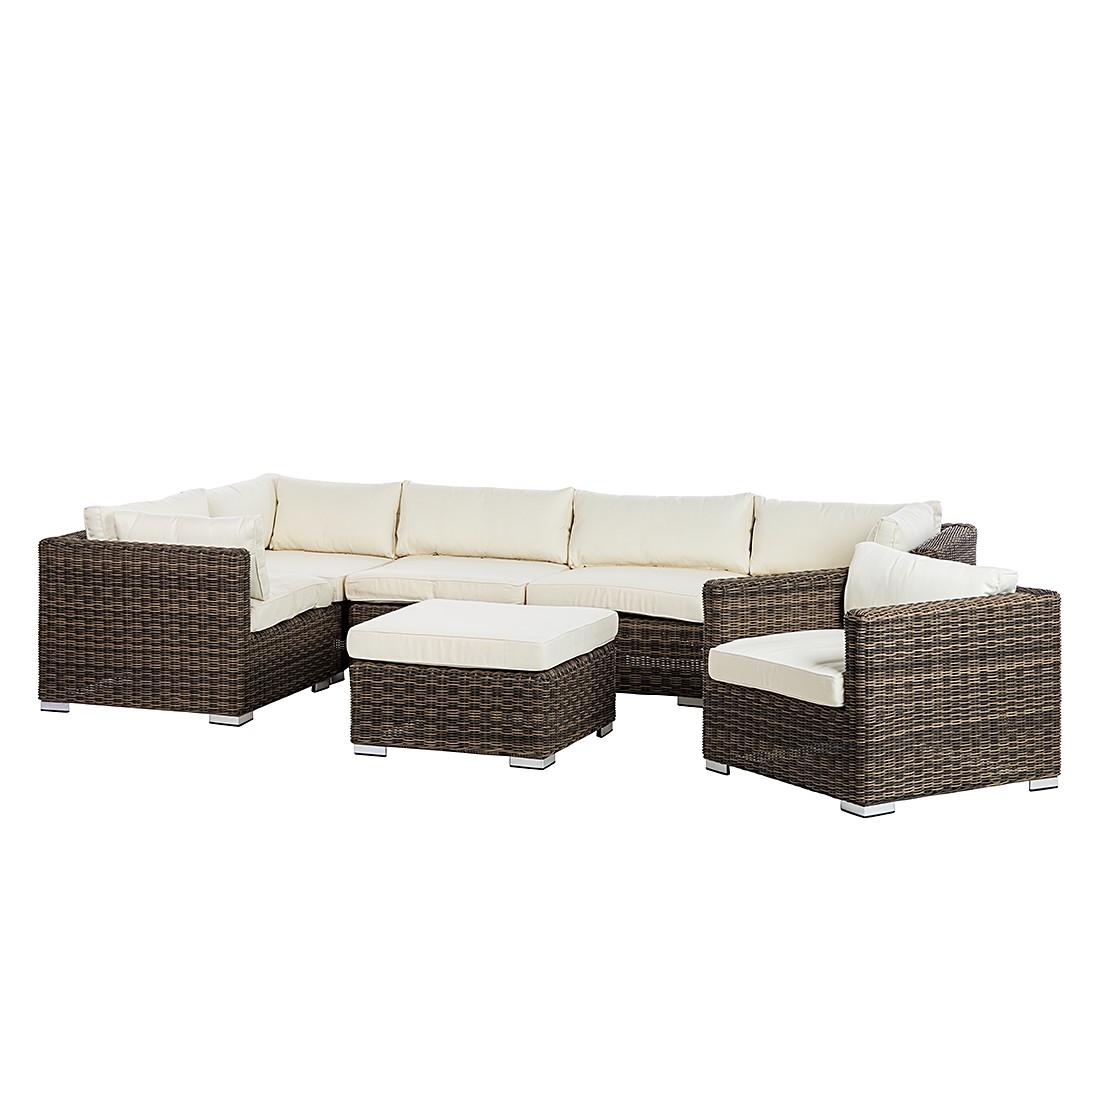 Gartenmobel Klappstuhl Plastik : LoungeSet Royal Comfort (7teilig)  PolyrattanTextil  BraunBeige